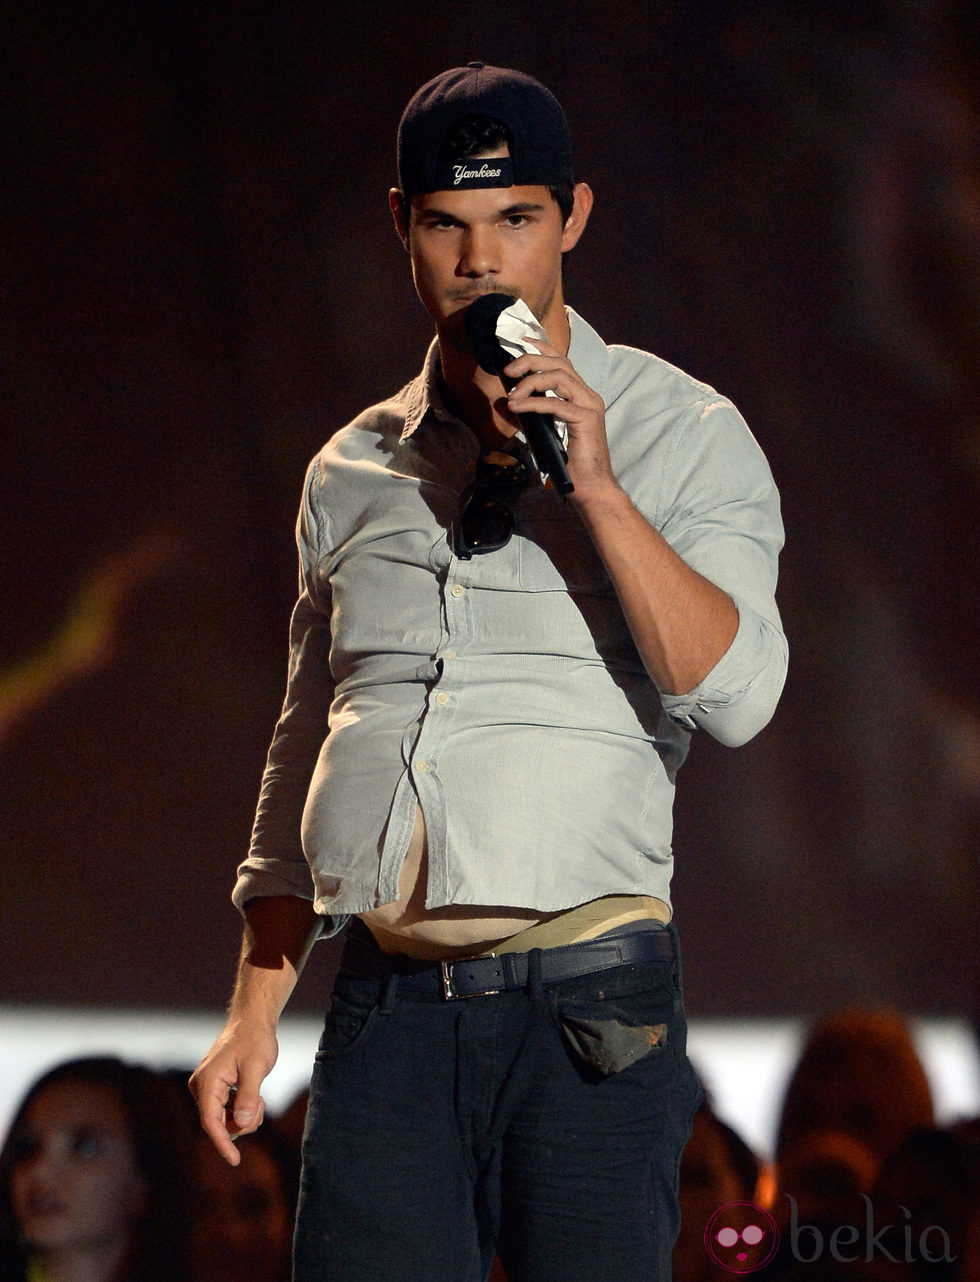 Taylor Lautner en la gala de los MTV Movie Awards 2013